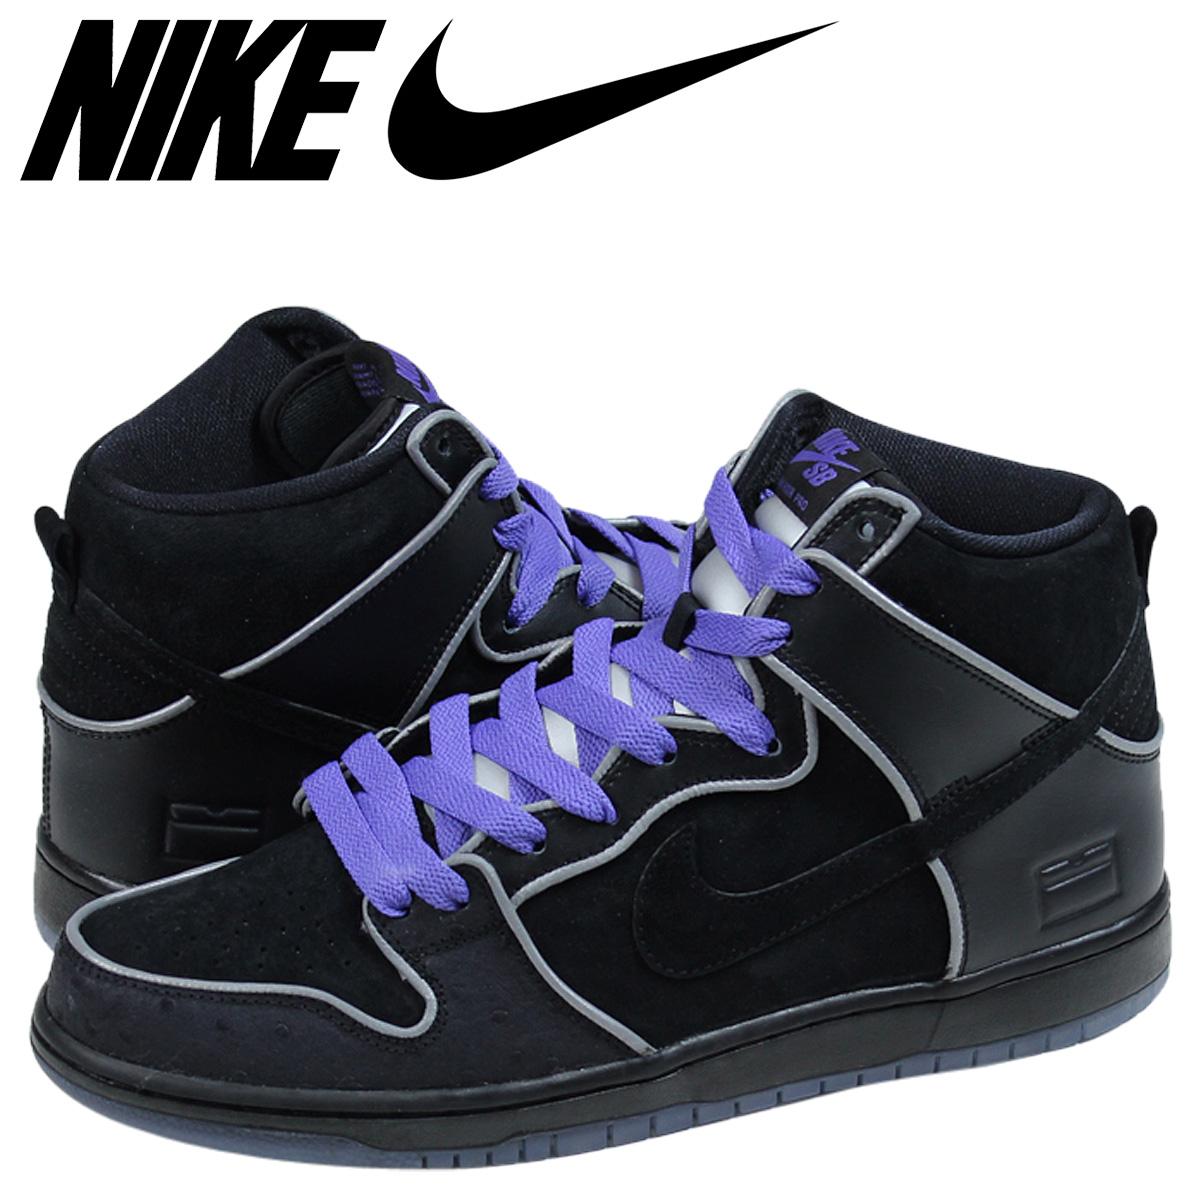 info for 94632 3b968 NIKE SB Nike dunk sneakers men DUNK HIGH ELITE BLACK BOX 833,456-002 black  black